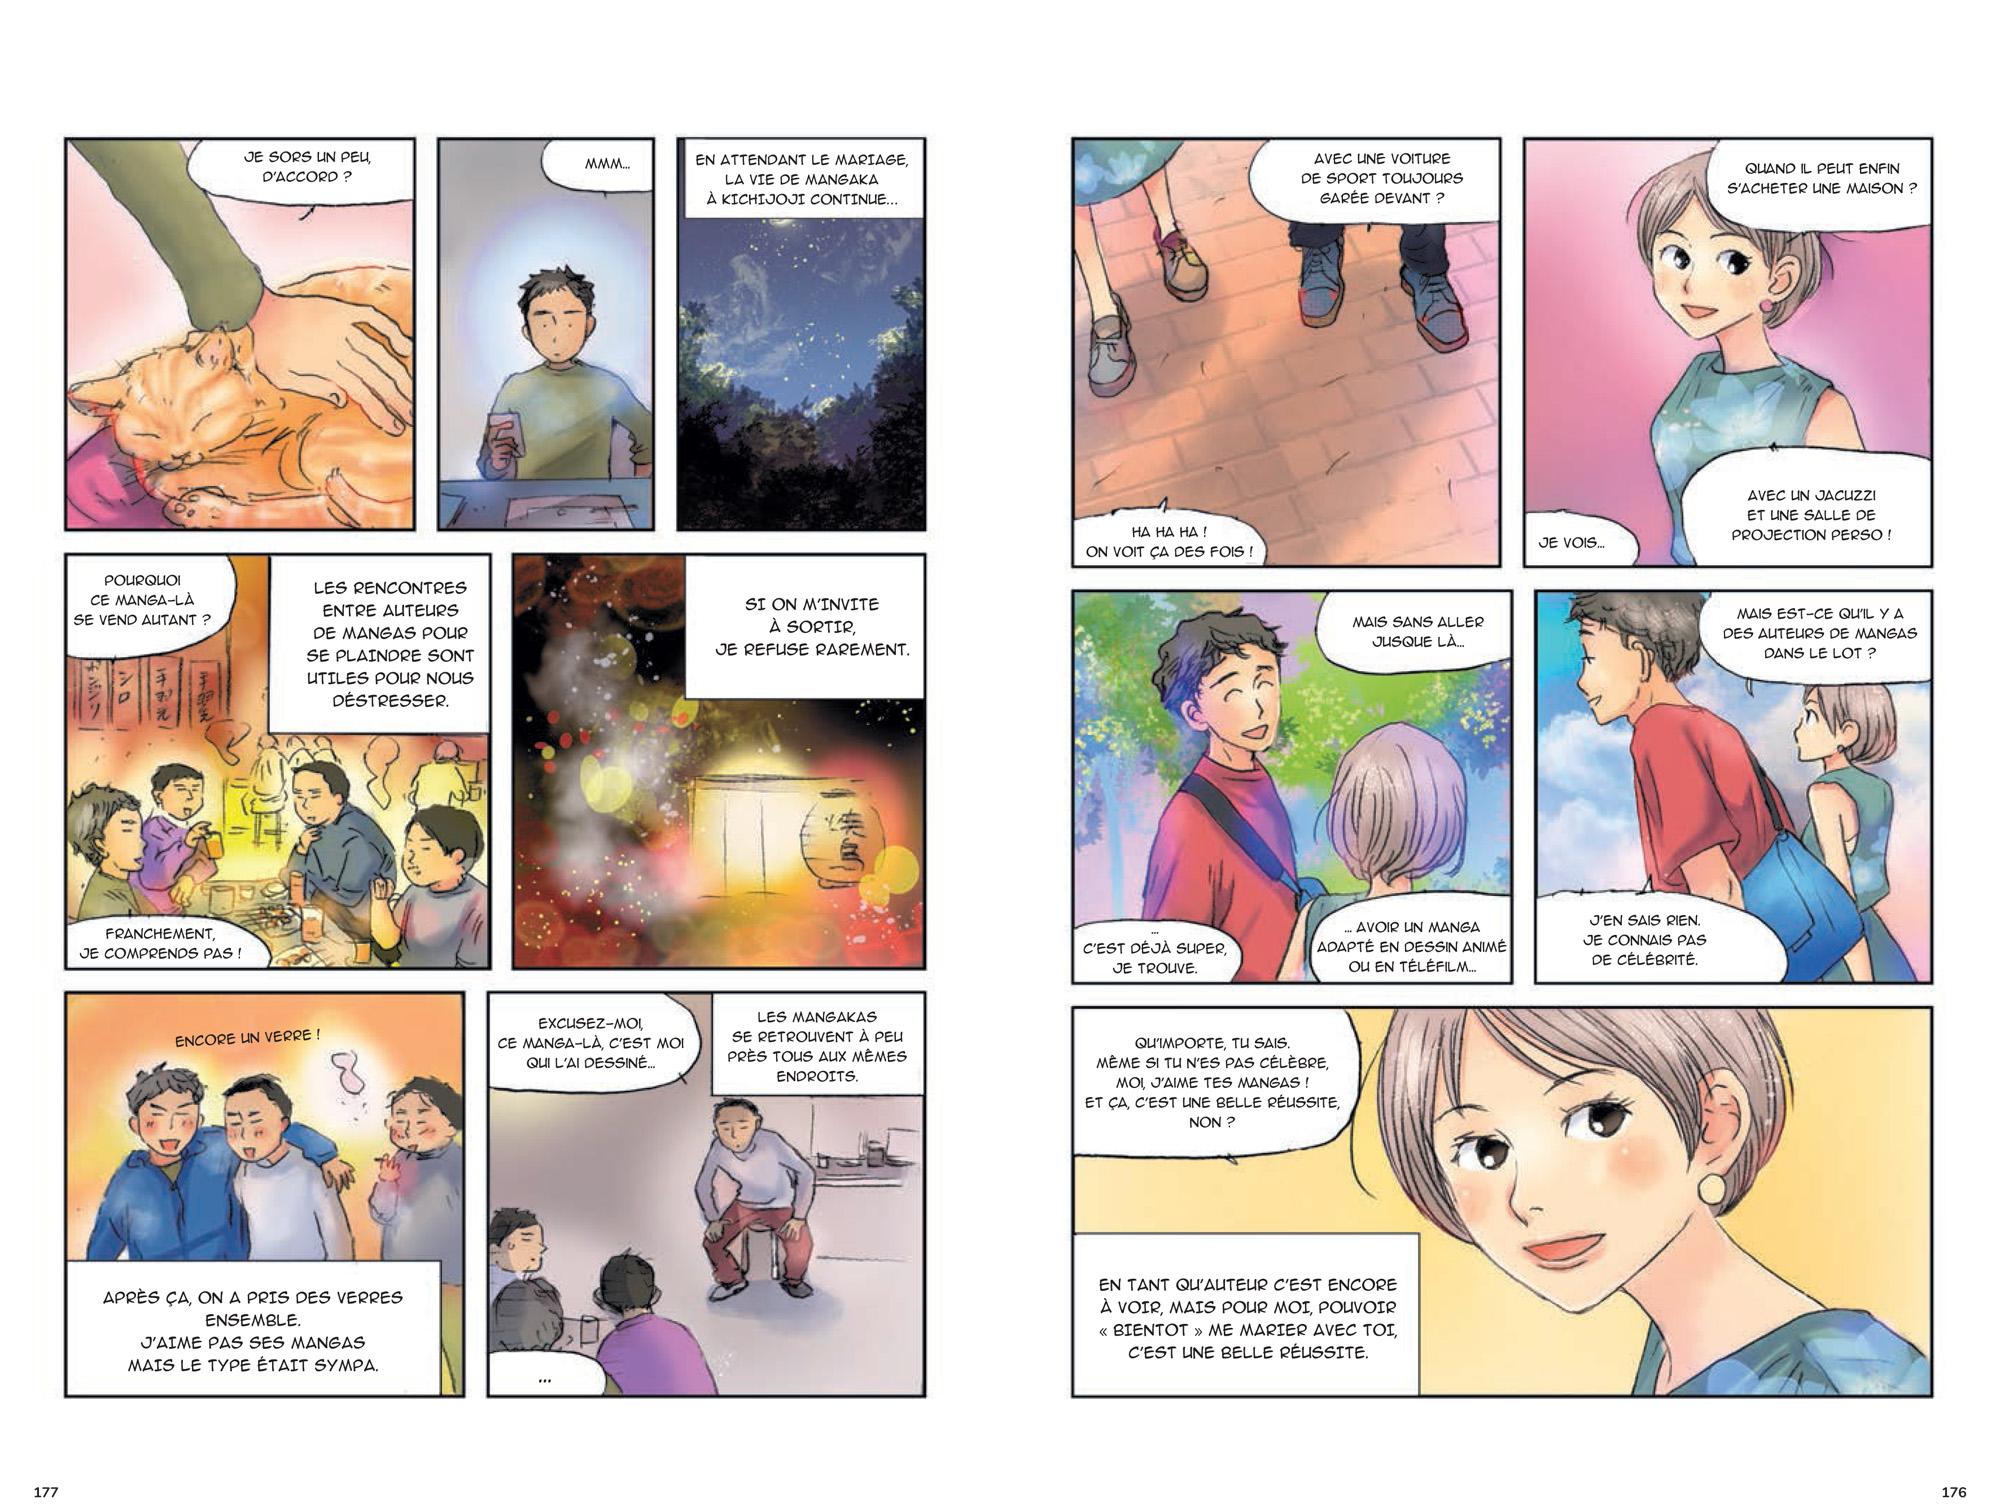 tokyo en manga planche 5